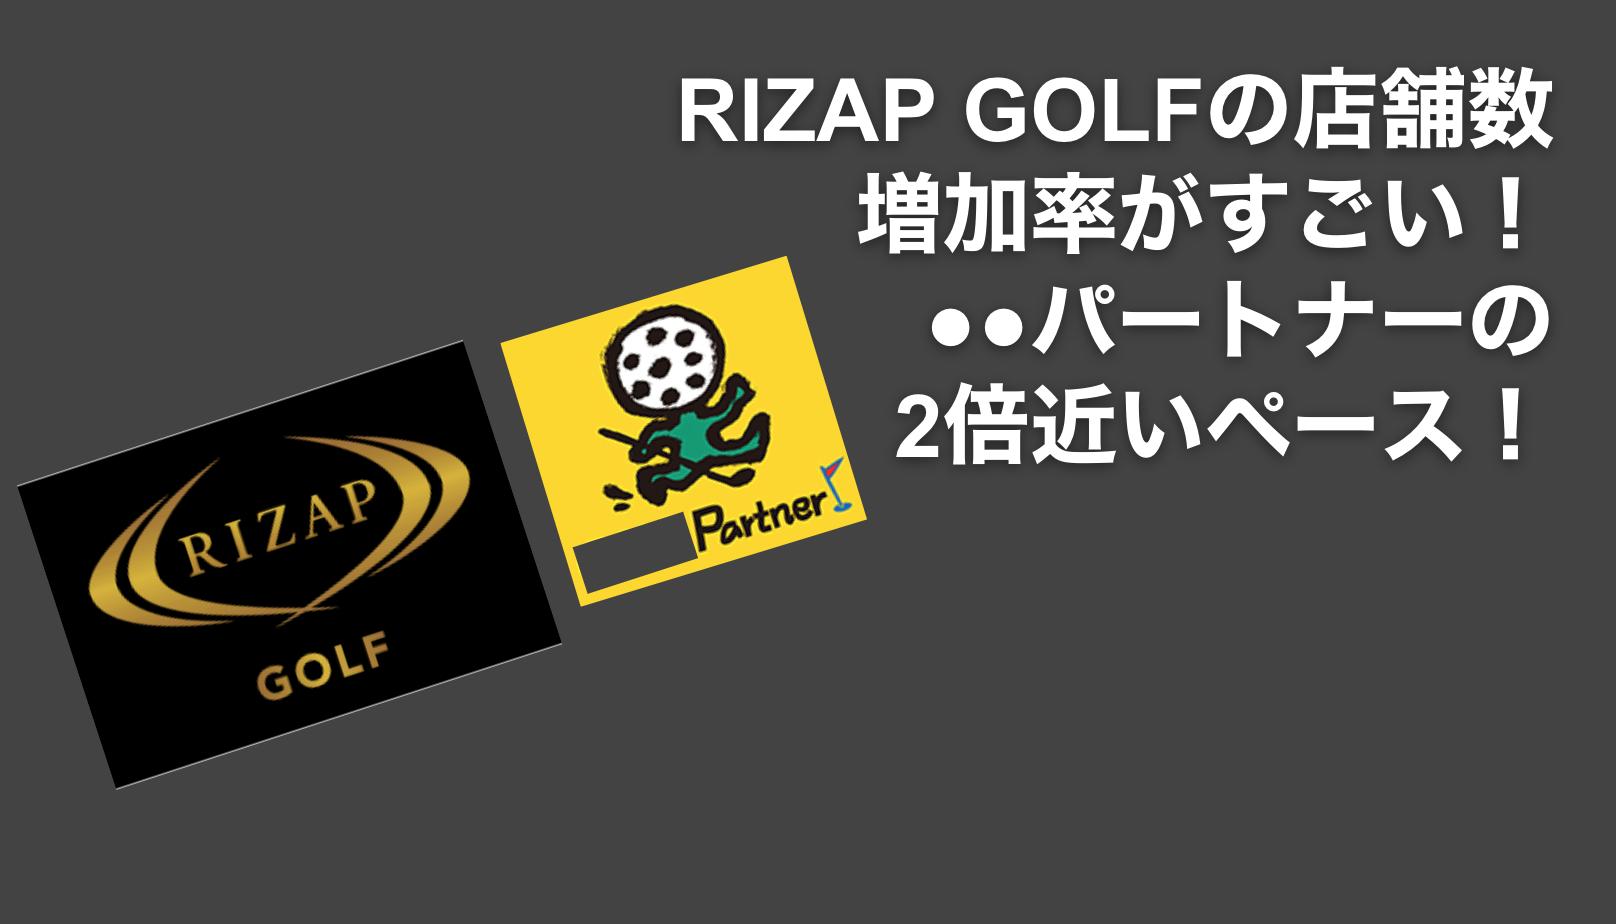 おすすめゴルフアプリドットコム_RIZAPゴルフアイキャッチ